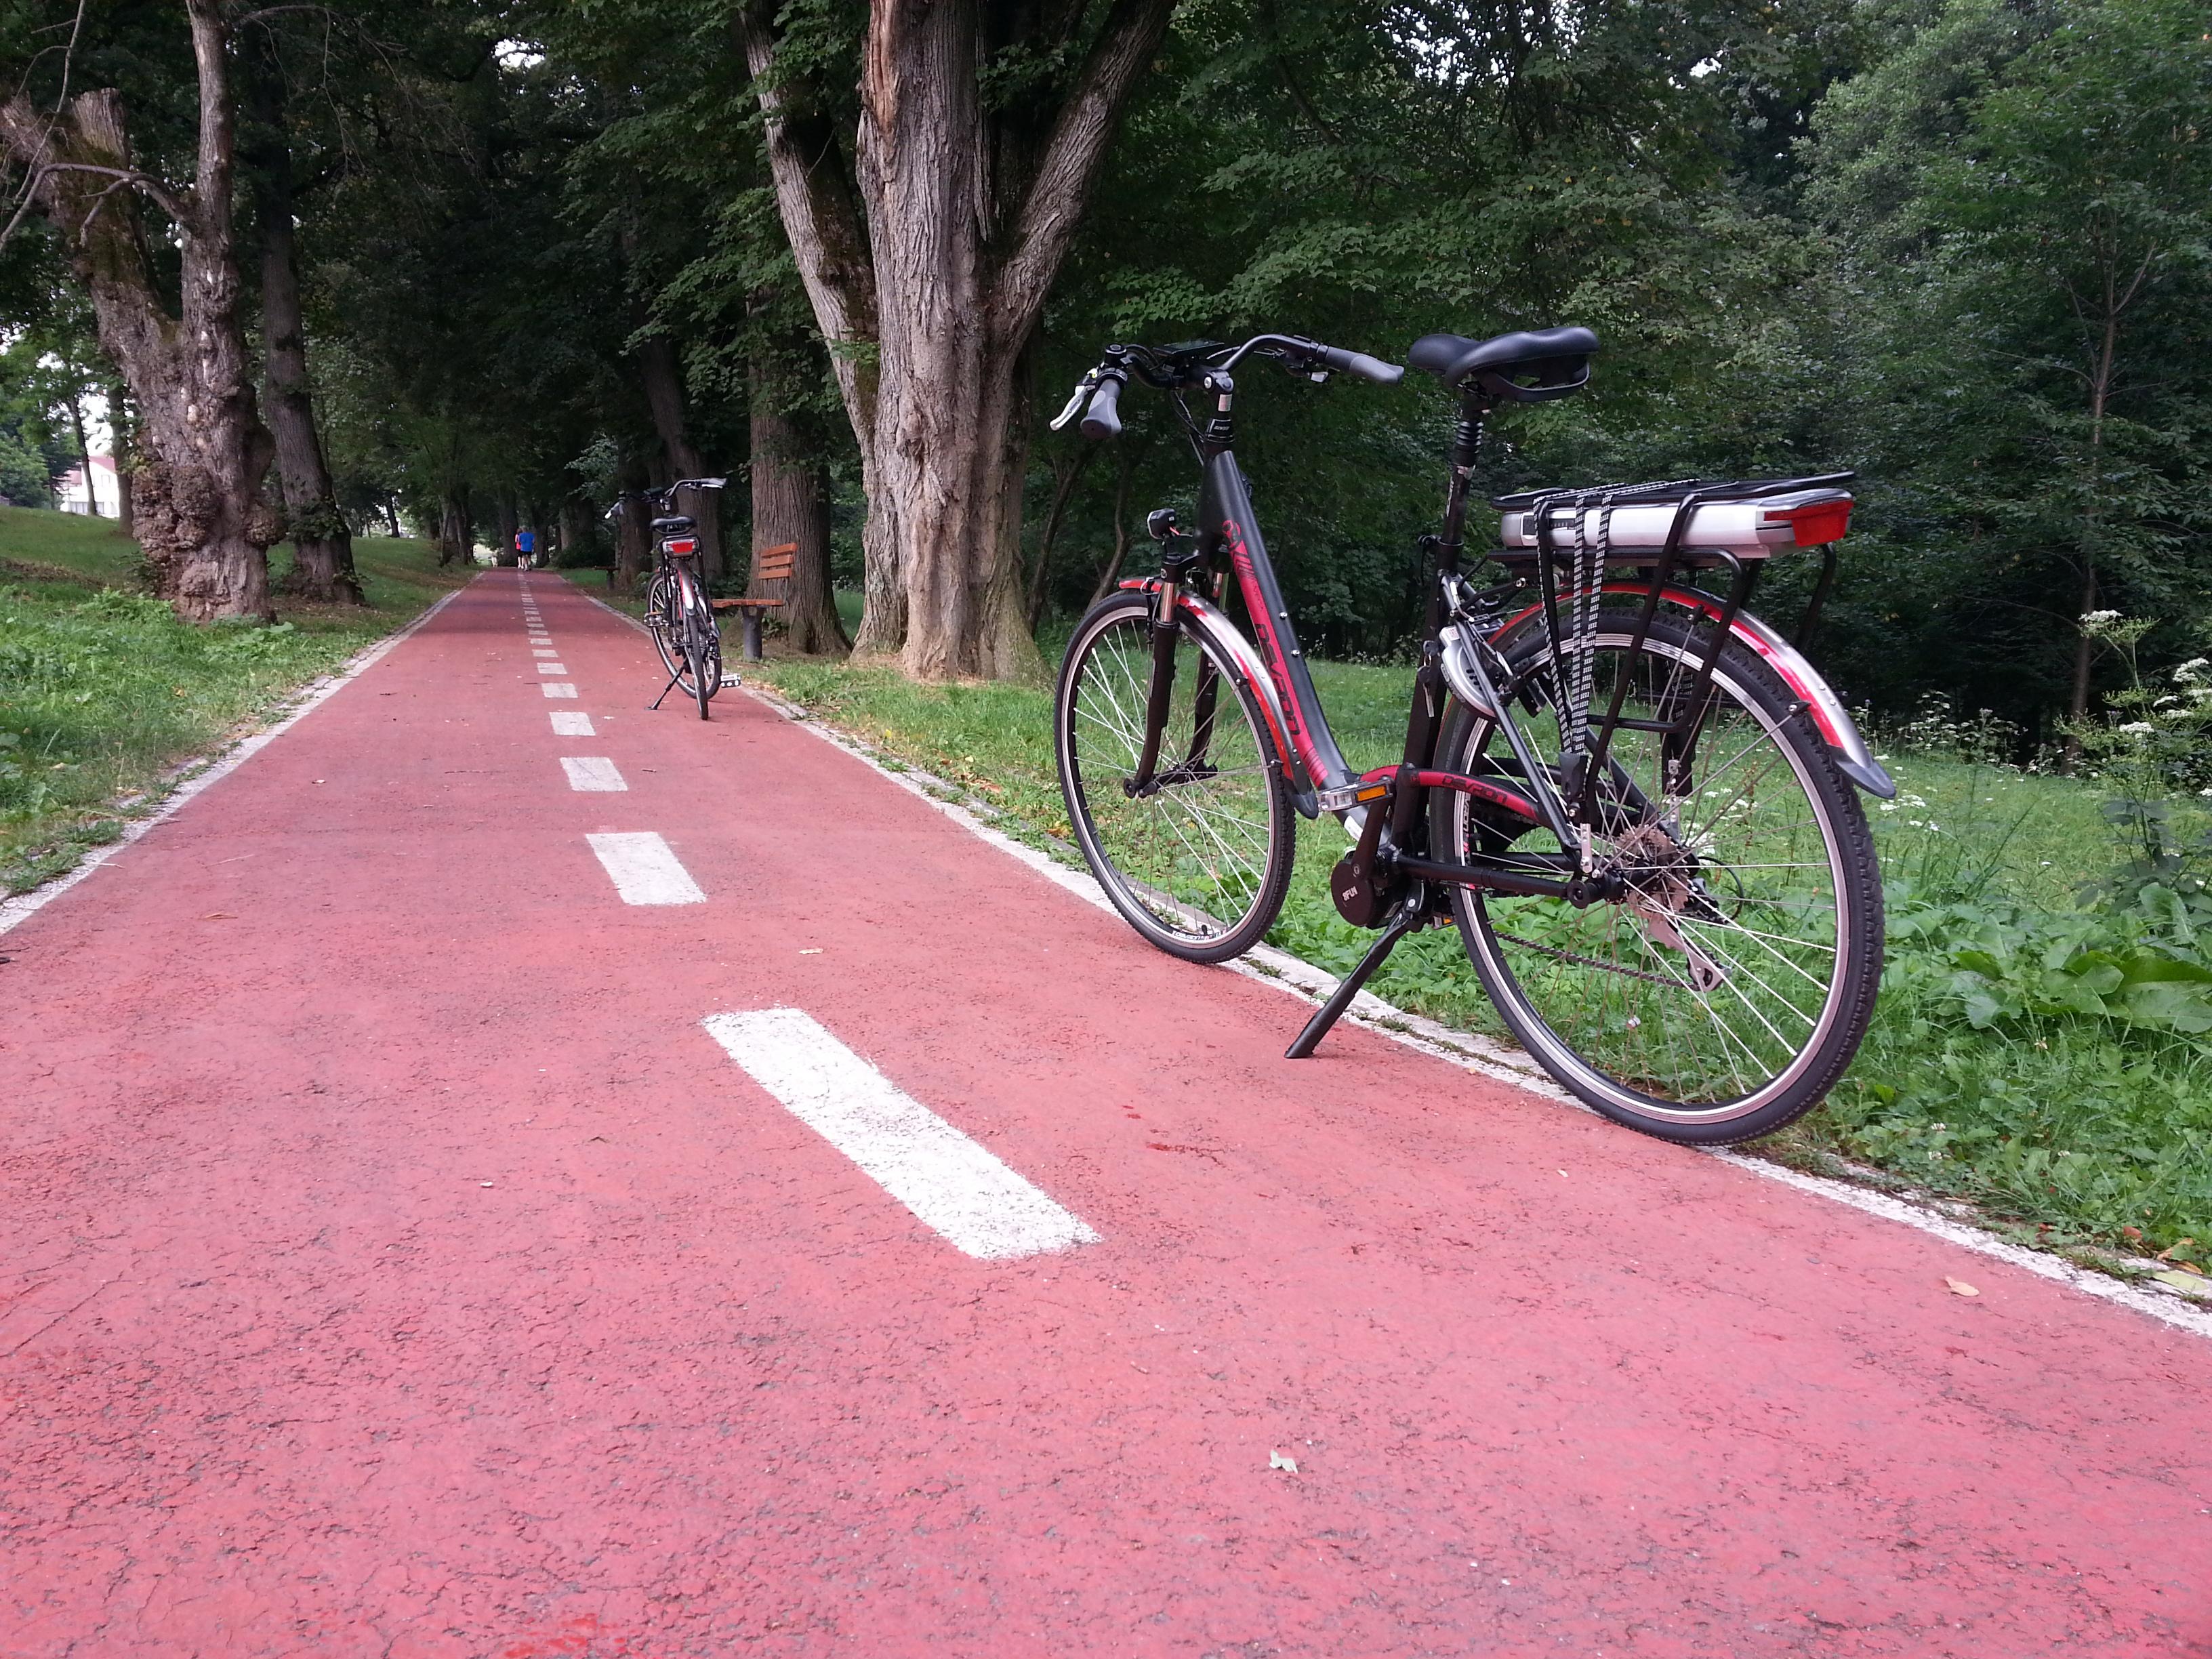 Proiect pentru un coridor de deplasare cu bicicleta între cartierul Ștrand, parcul Sub Arini și zona centrală